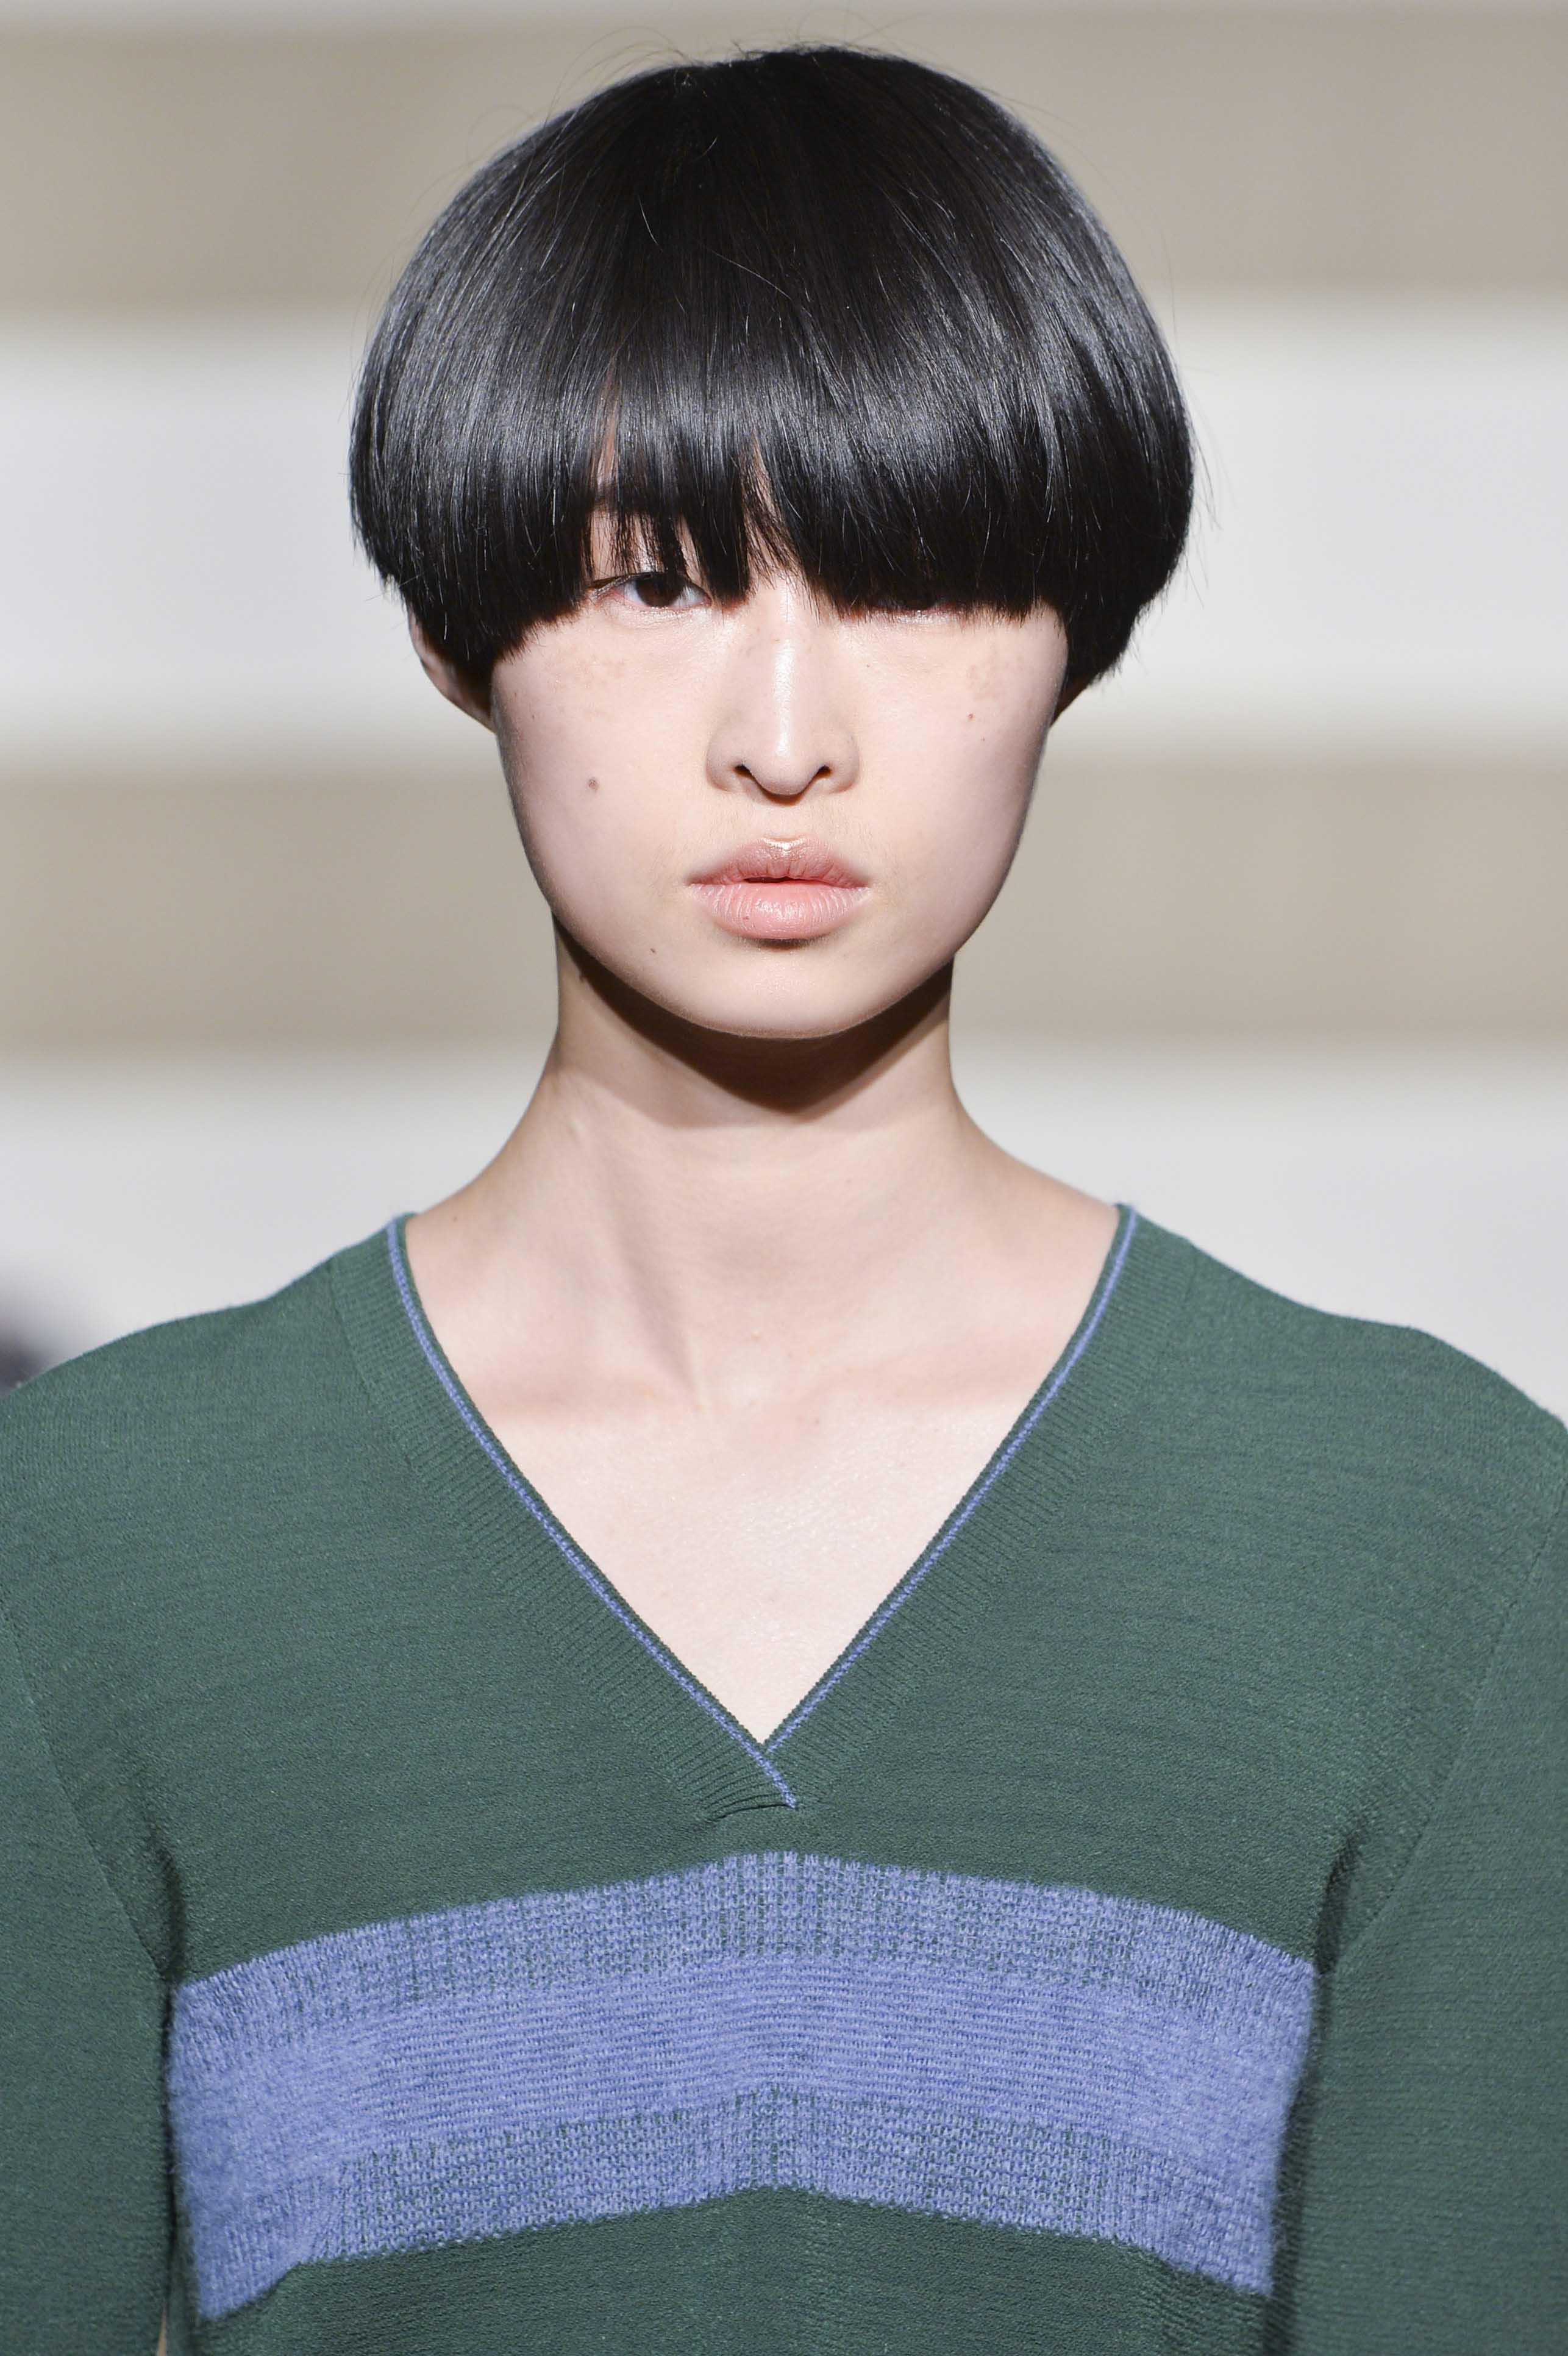 Short Haircut Ideas For Fall We Love